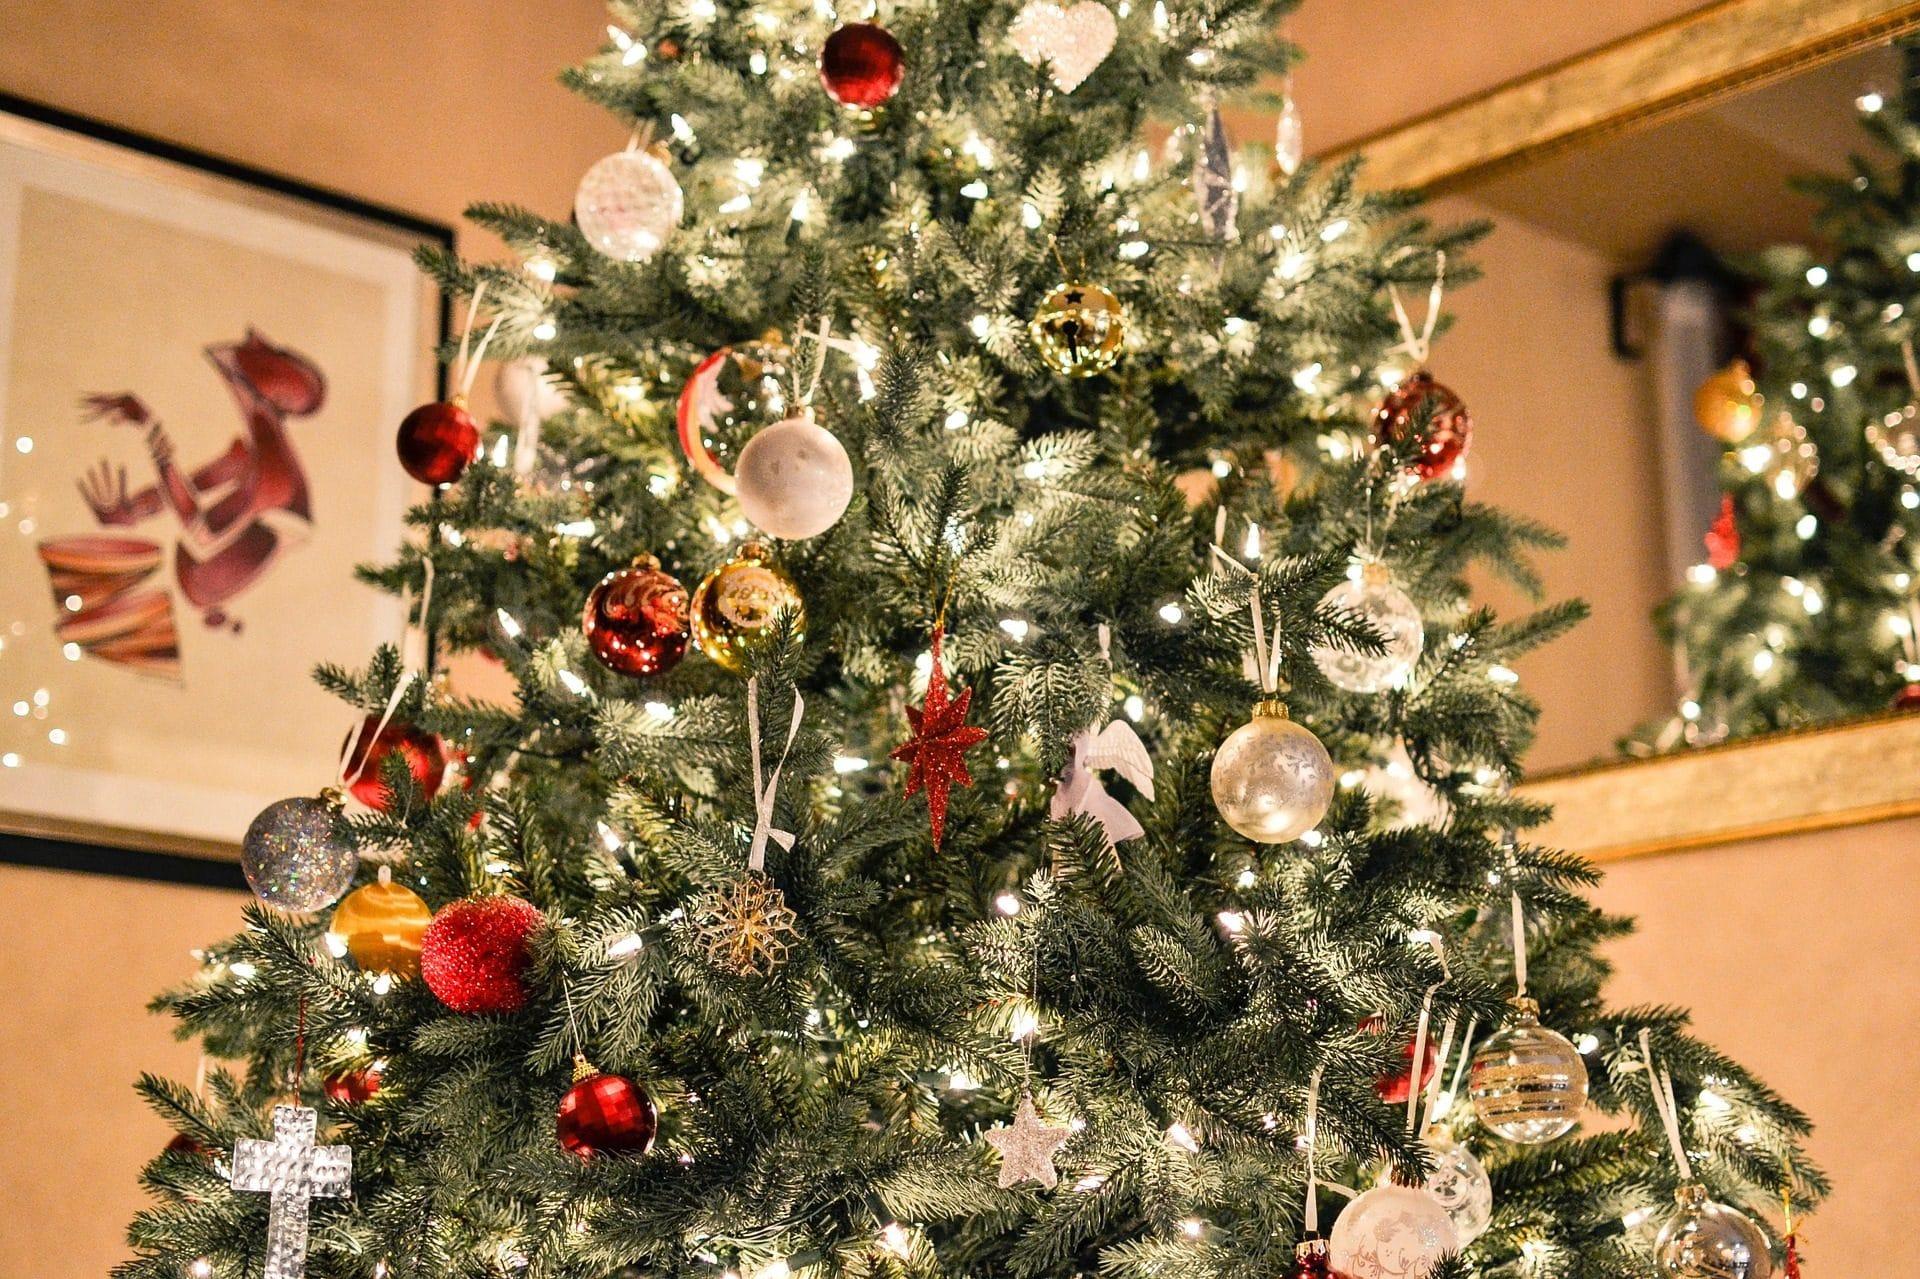 Alberi E Decorazioni Natalizie.Addobbi Di Natale 2020 Tendenze E Colori Per Decorare La Casa E L Albero